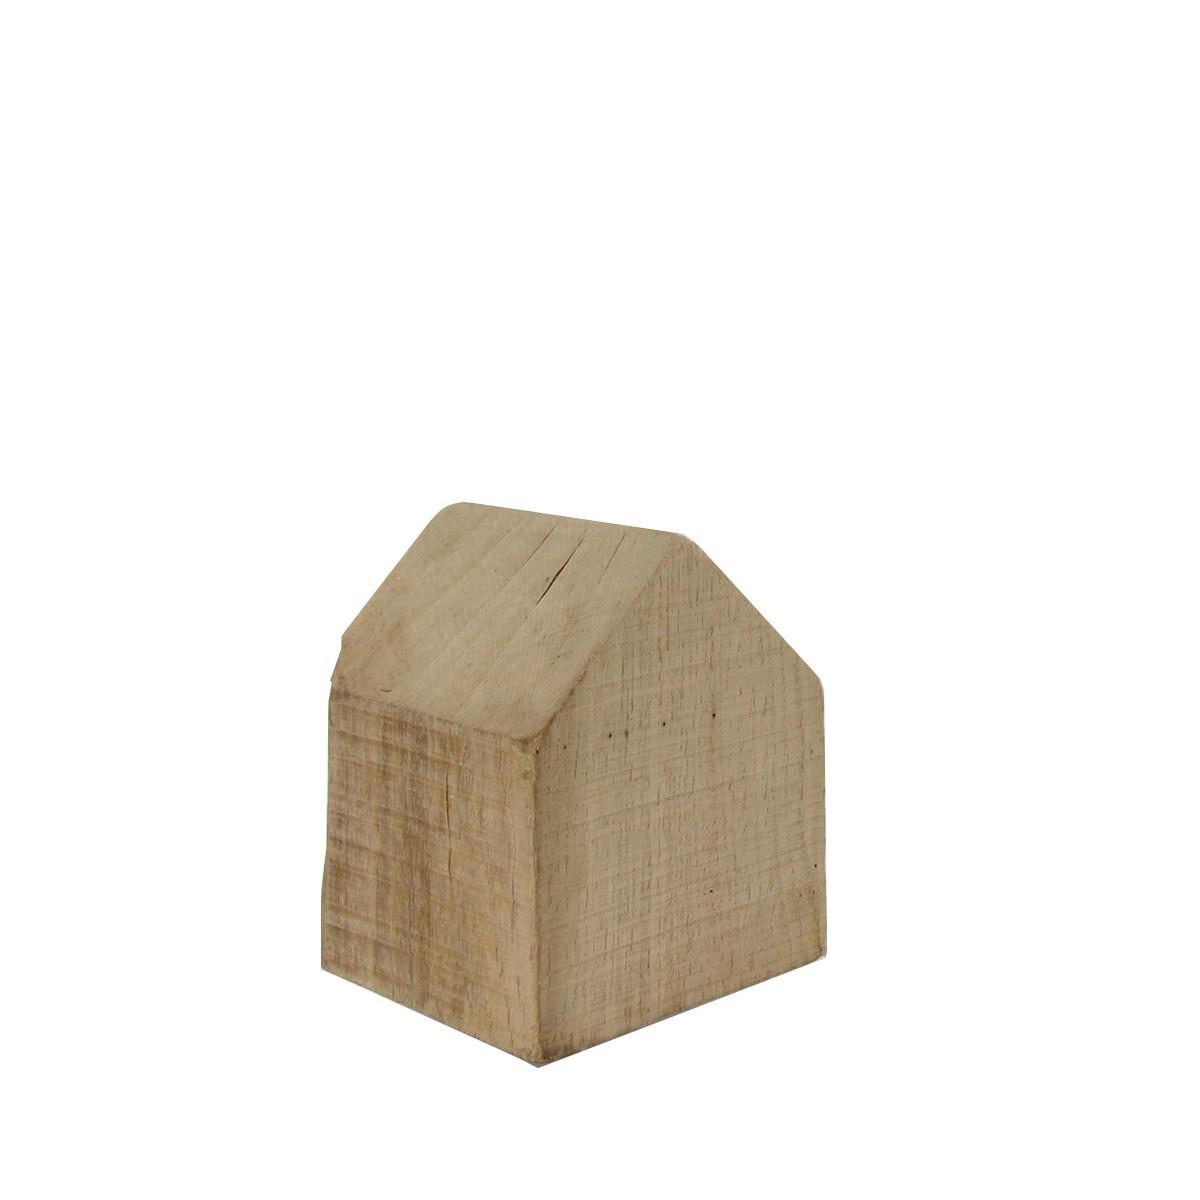 serre livre en bois massif en forme de maison. Black Bedroom Furniture Sets. Home Design Ideas